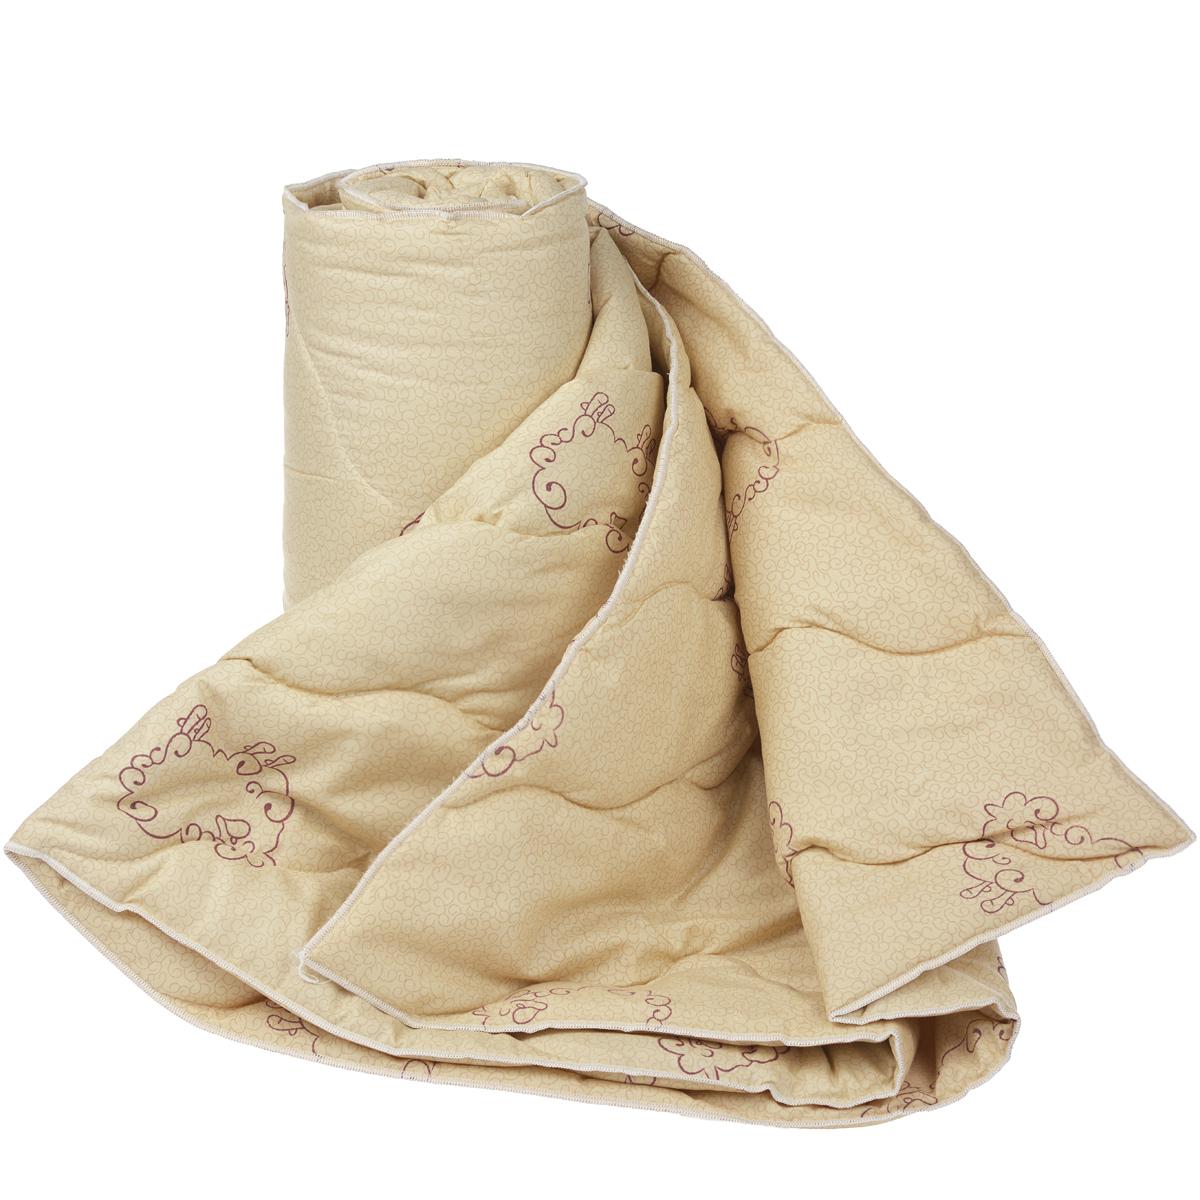 Одеяло Dargez Находка, наполнитель: овечья шерсть, цвет: бежевый, 172 х 200 см20(33)323Одеяло Dargez Находка подарит уютный и комфортный сон. Чехол одеяла выполнен из микрофибры и оформлен изображением овечек. Фигурная стежка надежно удерживает наполнитель внутри. Изделия с шерстяным наполнителем: - обладают лечебно-профилактическим эффектом, - гигроскопичны: обеспечивают комфортное сухое тепло, - обладают хорошей циркуляцией воздуха. Рекомендации по уходу: - Стирка запрещена. - Запрещается отбеливать, гладить, выжимать и сушить.- Химическая чистка любым растворителем, кроме трихлорэтилена. Материал чехла: микрофибра (100% полиэстер). Материал наполнителя: овечья шерсть. Плотность наполнителя: 200 г/м2. Размер одеяла: 172 см х 200 см.